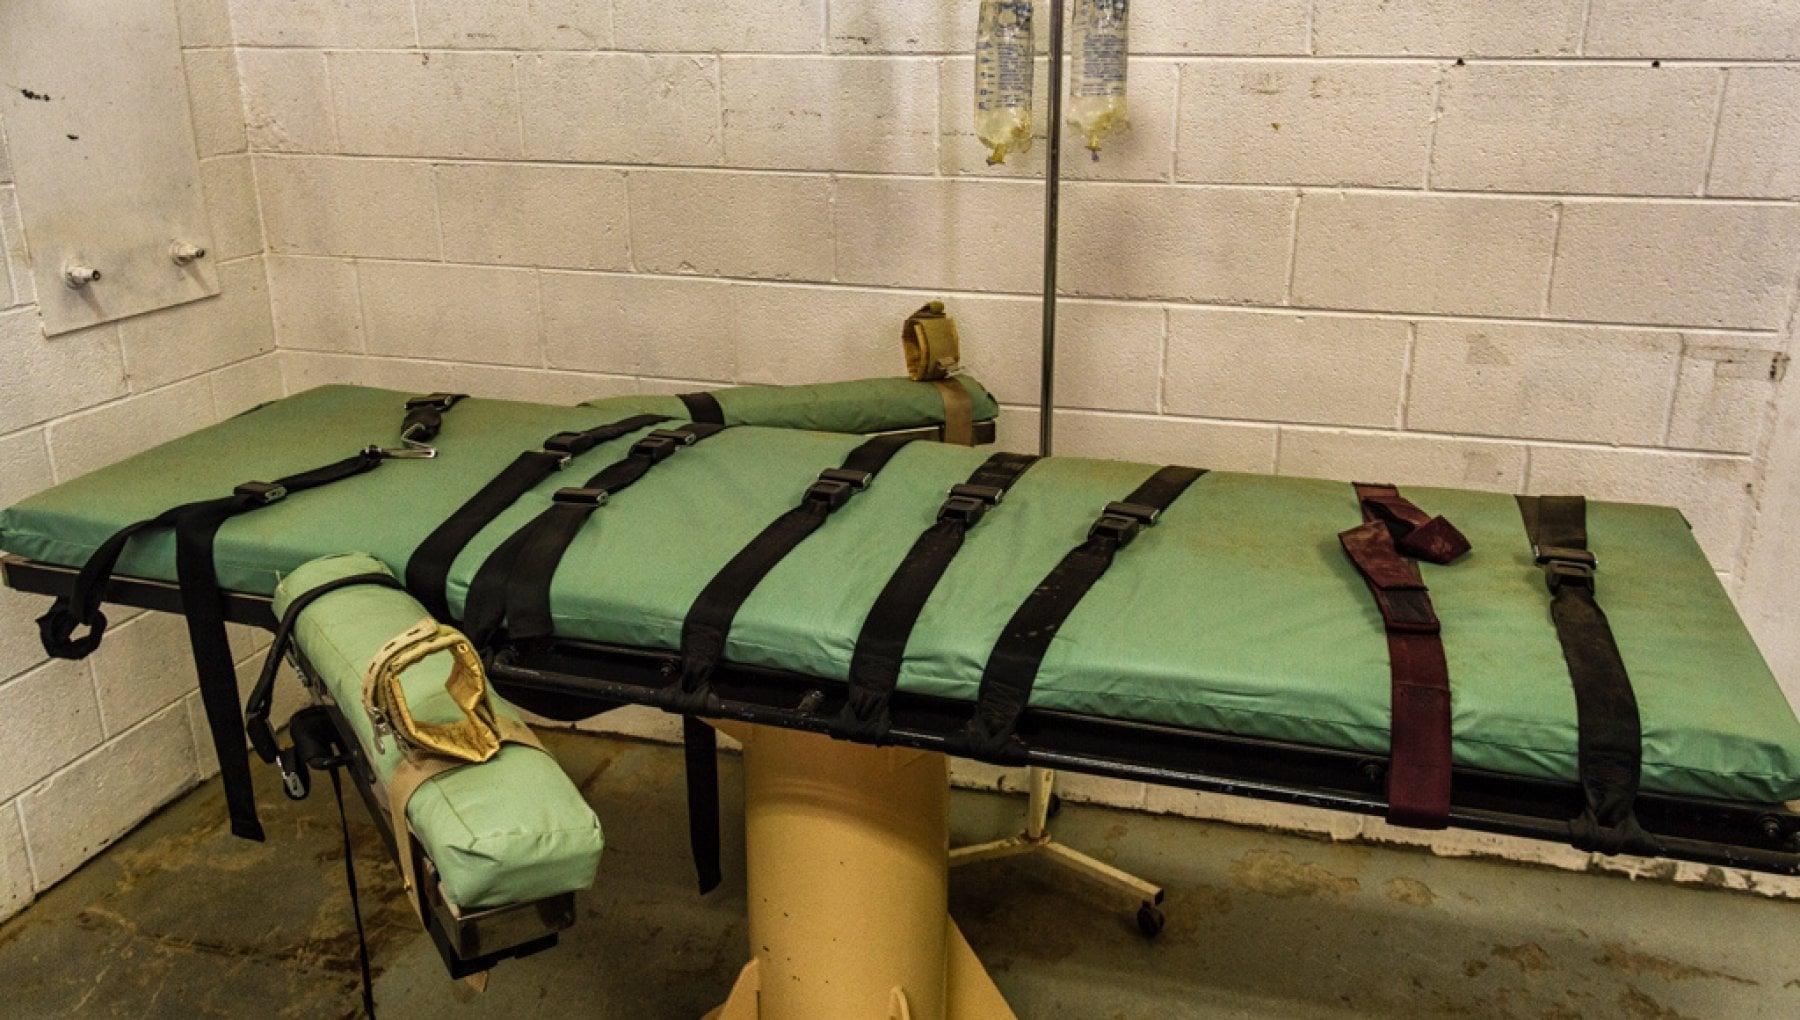 082915068 f995164f 140a 4685 a1c7 1004e0922fa6 - Usa, via libera all'esecuzione dell'unica donna nel braccio della morte